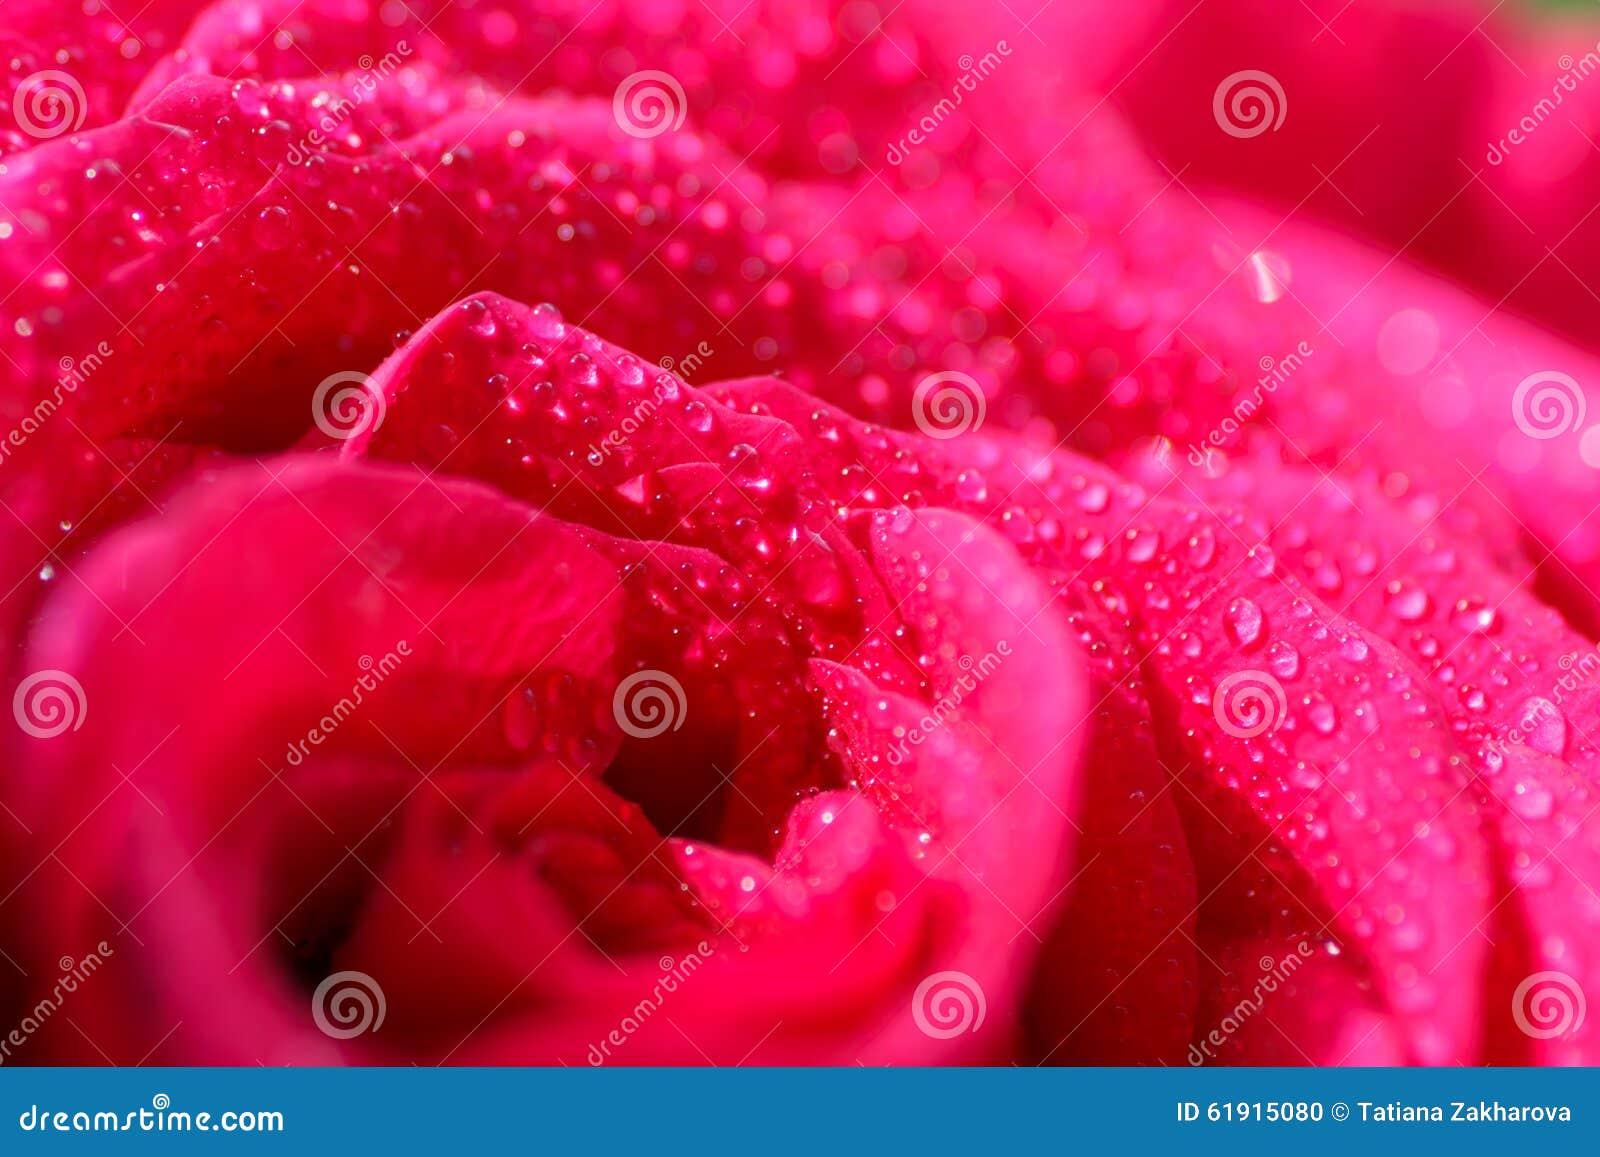 绯红色玫瑰欢乐花束 库存照片 - 图片: 61915080